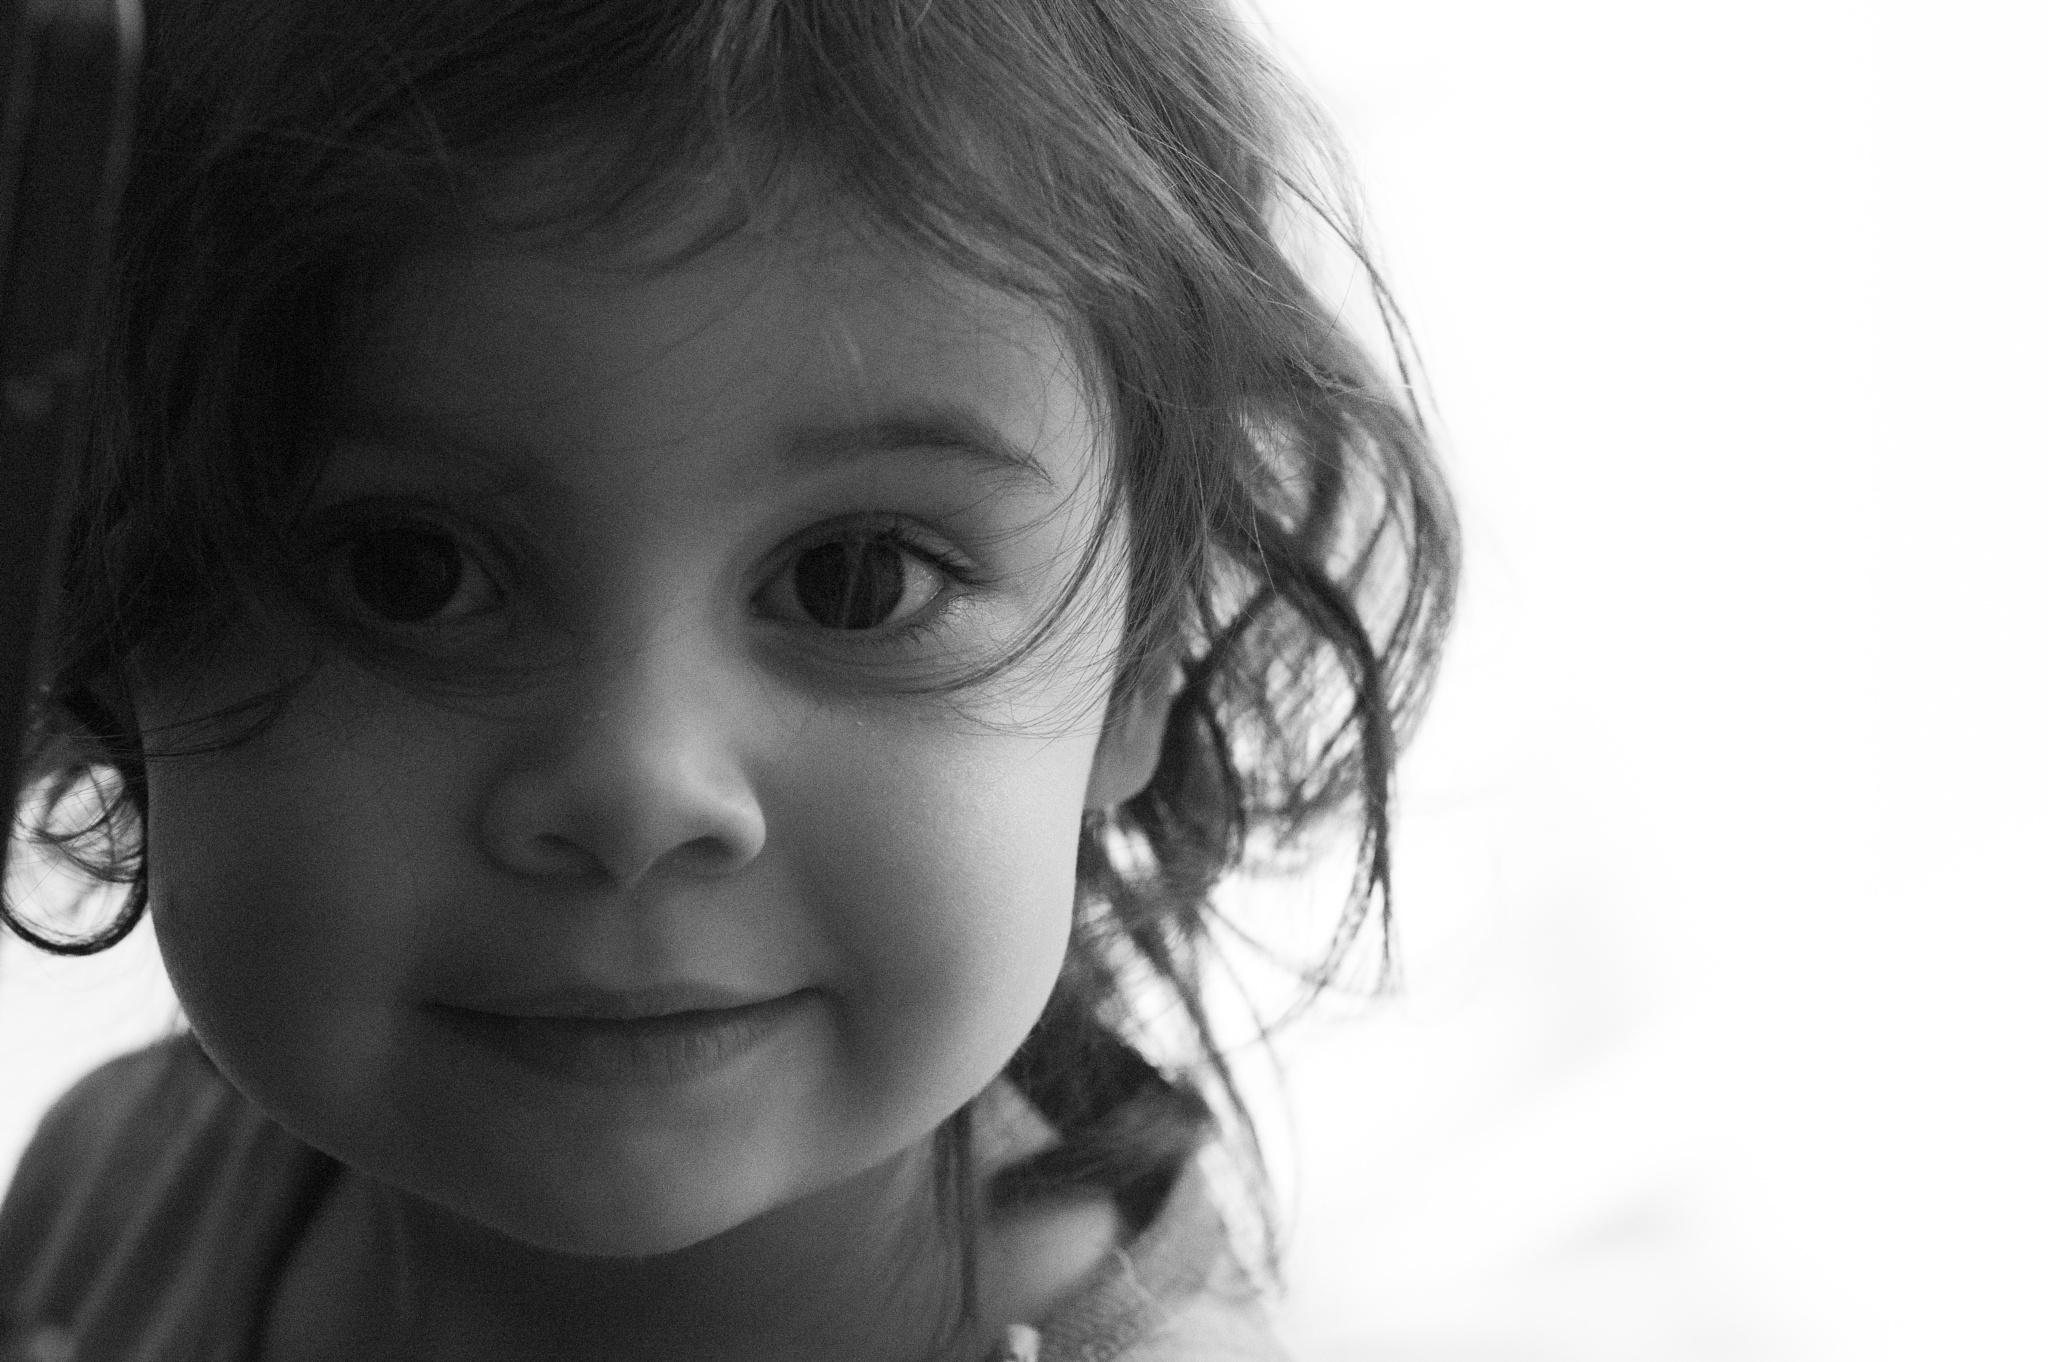 innocence by rakus